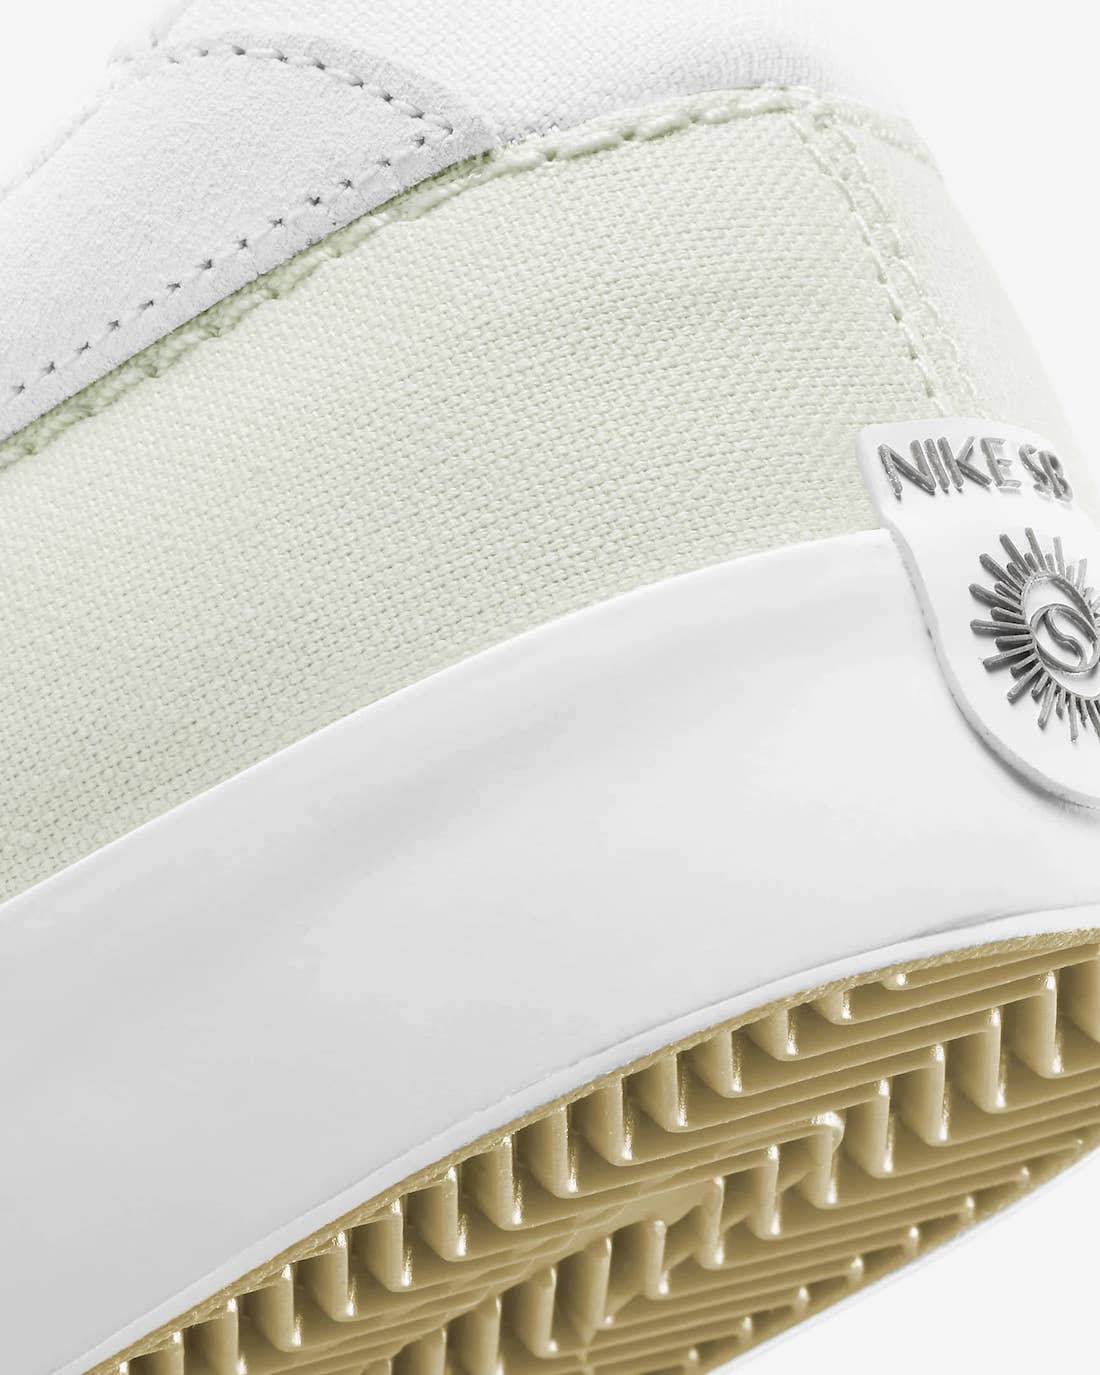 Nike SB Shane Summit White BV0657-103 Release Date Info